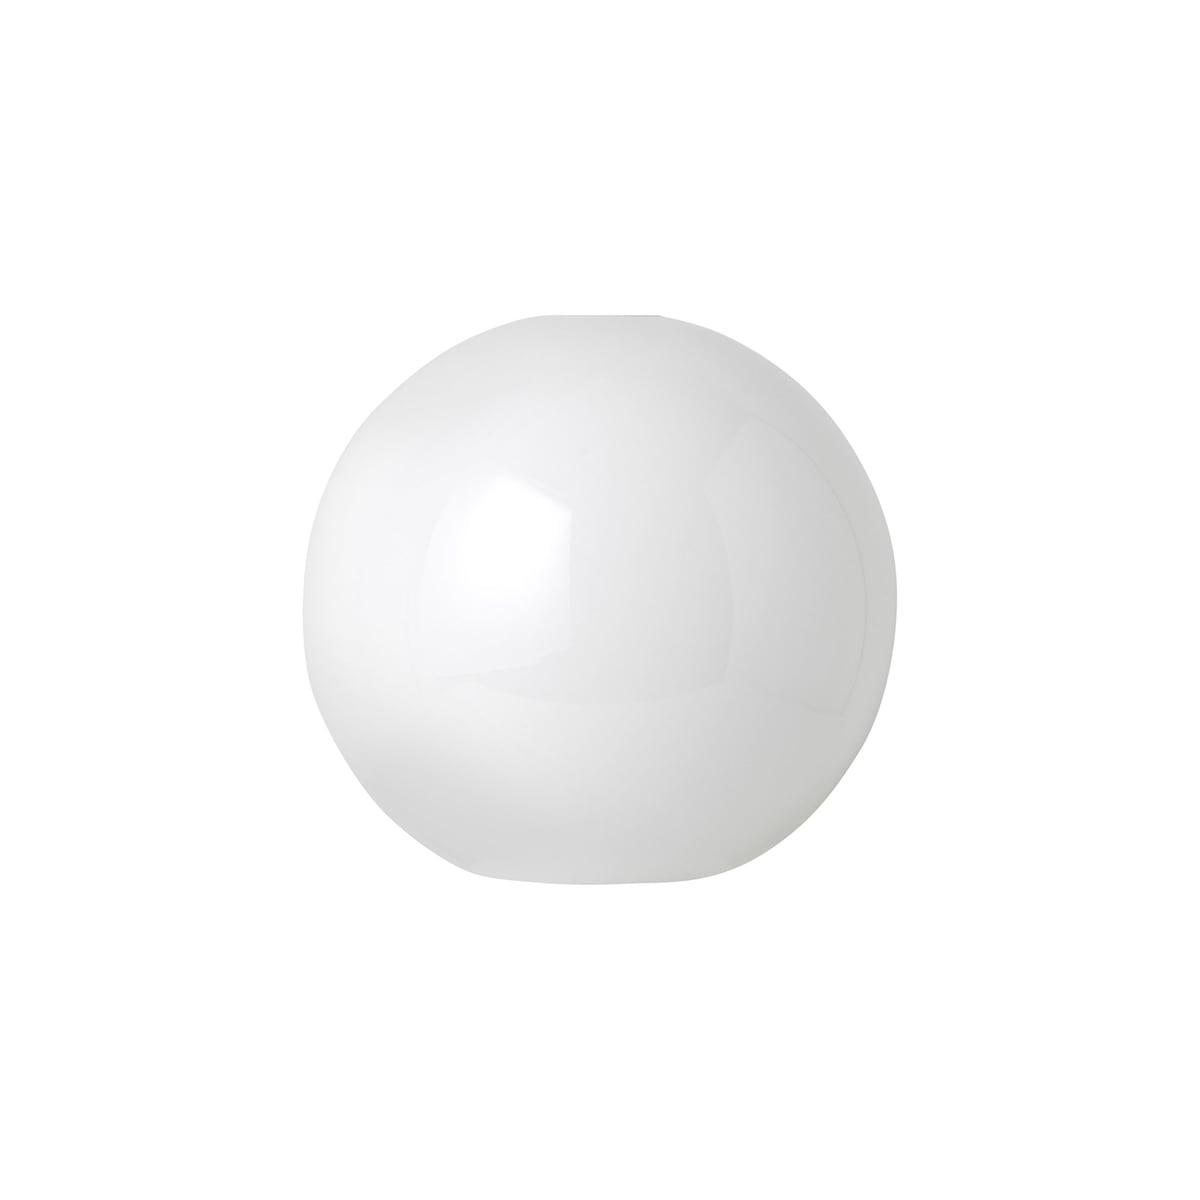 ferm Living - Opal Shade Lampenschirm, Sphere   Lampen > Lampenschirme und Füsse > Lampenschirme   Opalweiß   Opalglas   ferm living